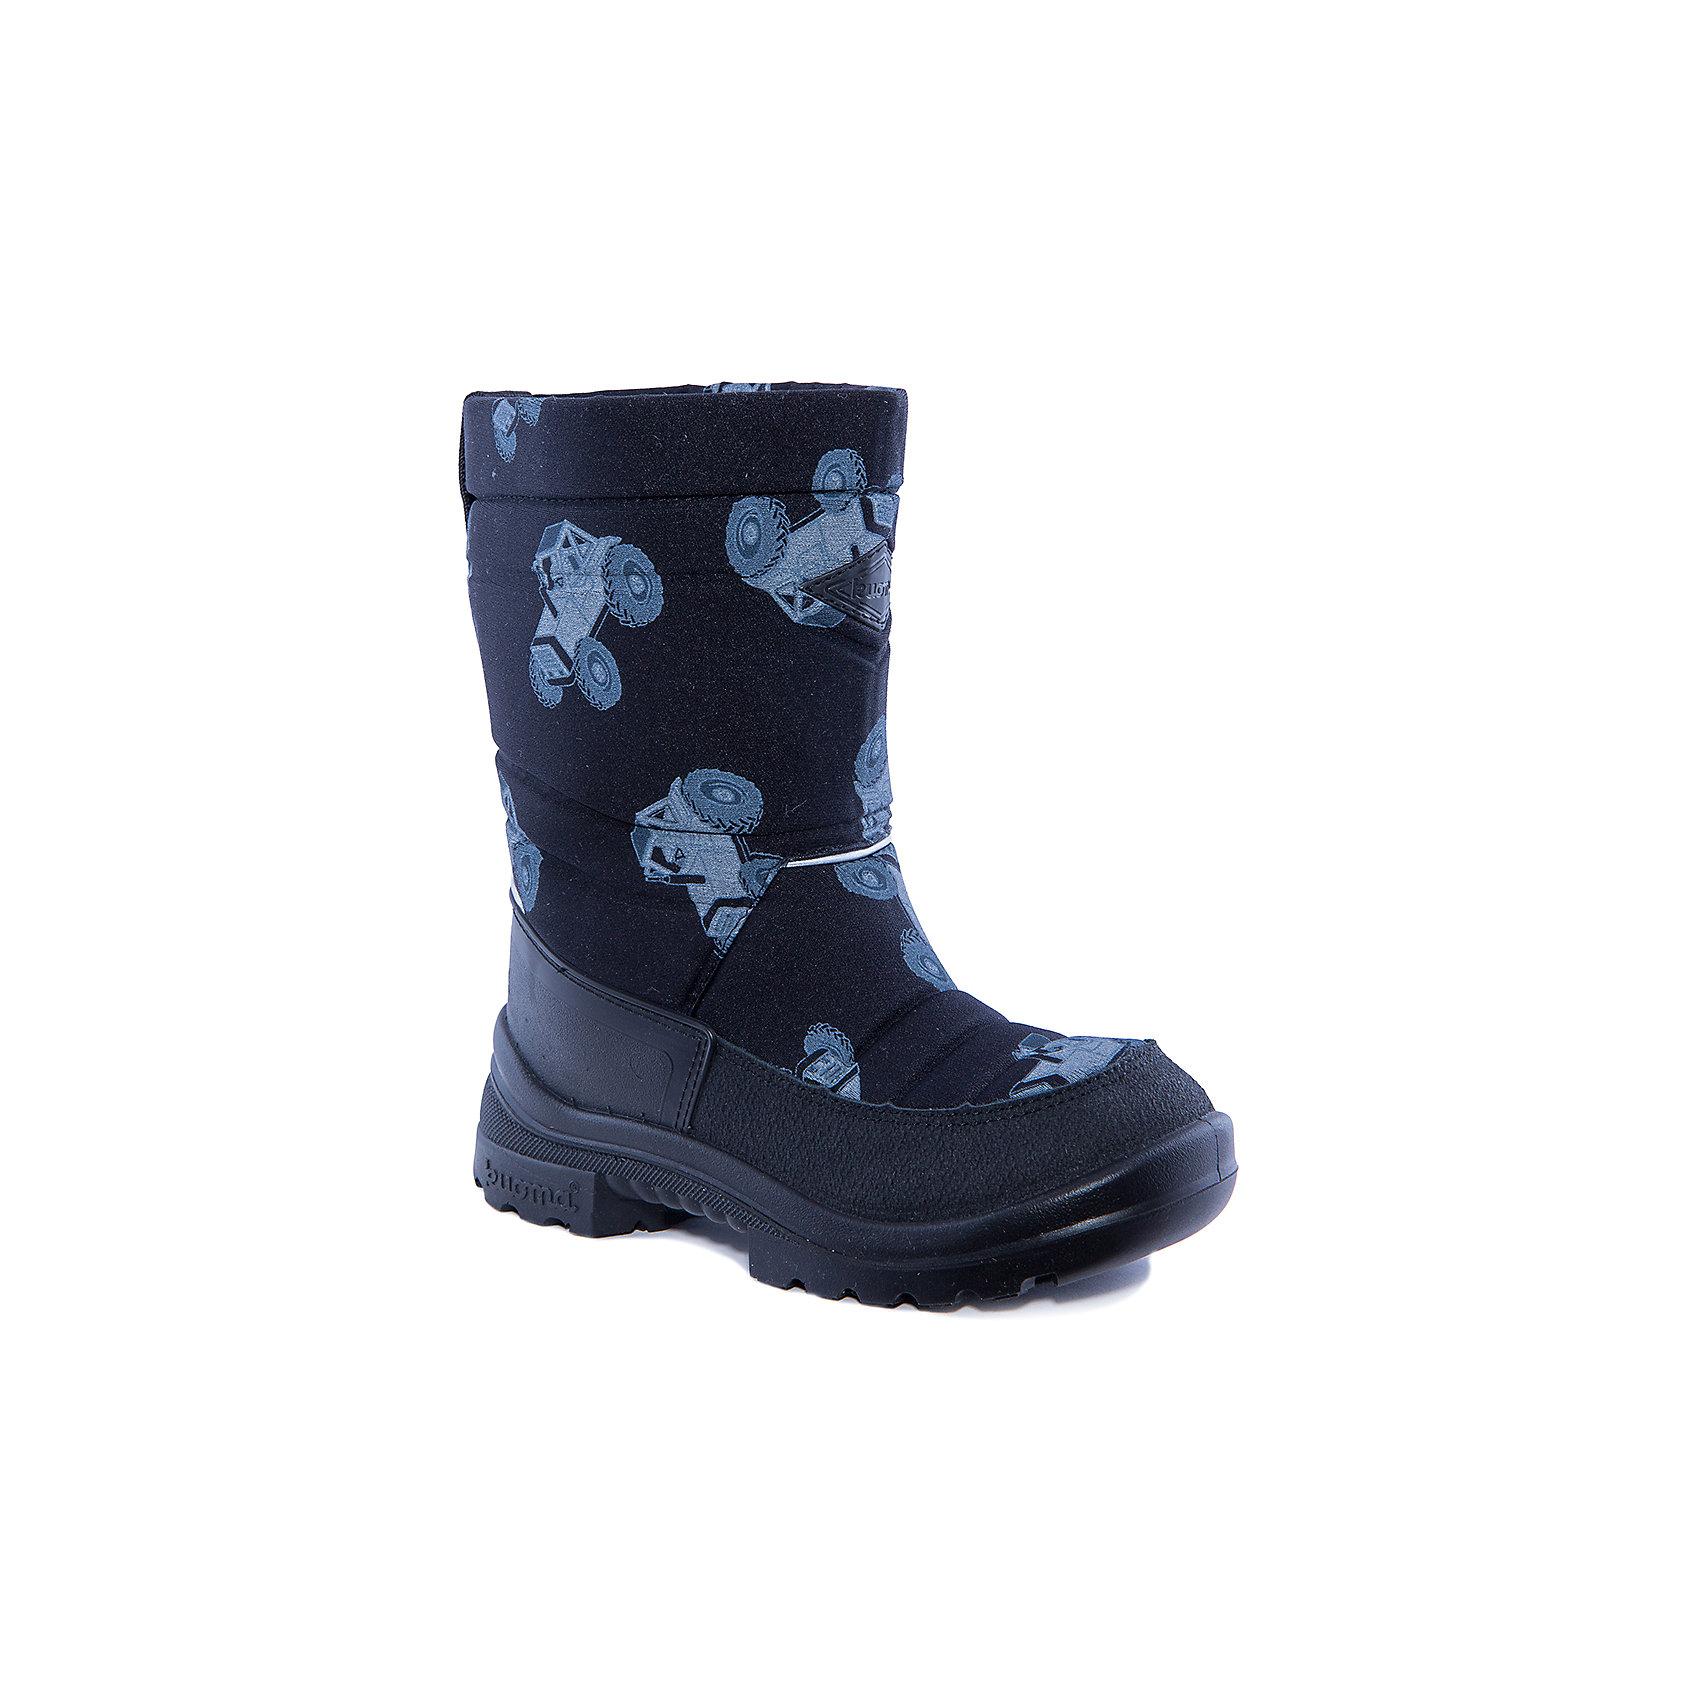 Зимние сапоги для мальчика KUOMAЗимние сапоги PUTKIVARSI от известного финского бренда kuoma® (Куома) исключительно теплые и очень удобные. Все изделия имеют крепкую амортизирующую подошву, которая «работает» даже в холодных зимних условиях. Кроме того, обувь снабжена сменными стельками и светоотражающими полосками в целях повышения безопасности. Матерчатый верх обуви проходят специальную противогрязевую и влагоотталкивающую обработку. Обувь kuoma® (Куома) подходит даже для самых холодных зим.     <br><br>Температурный режим: от - 5°C до - 30°C.<br><br>Состав:<br>Верх - триплированный, износостойкий, влагостойкий материал, стелька - иск/войлок, подошва - износостойкая, гибкая из полиуритана.Состав: <br>Материал верха: Полиамид с пропиткой.<br><br>Ширина мм: 257<br>Глубина мм: 180<br>Высота мм: 130<br>Вес г: 420<br>Цвет: черный<br>Возраст от месяцев: 15<br>Возраст до месяцев: 18<br>Пол: Мужской<br>Возраст: Детский<br>Размер: 22,36,25,26,27,29,33,34,23,35,30,38,37,32,31,28,24<br>SKU: 3326859